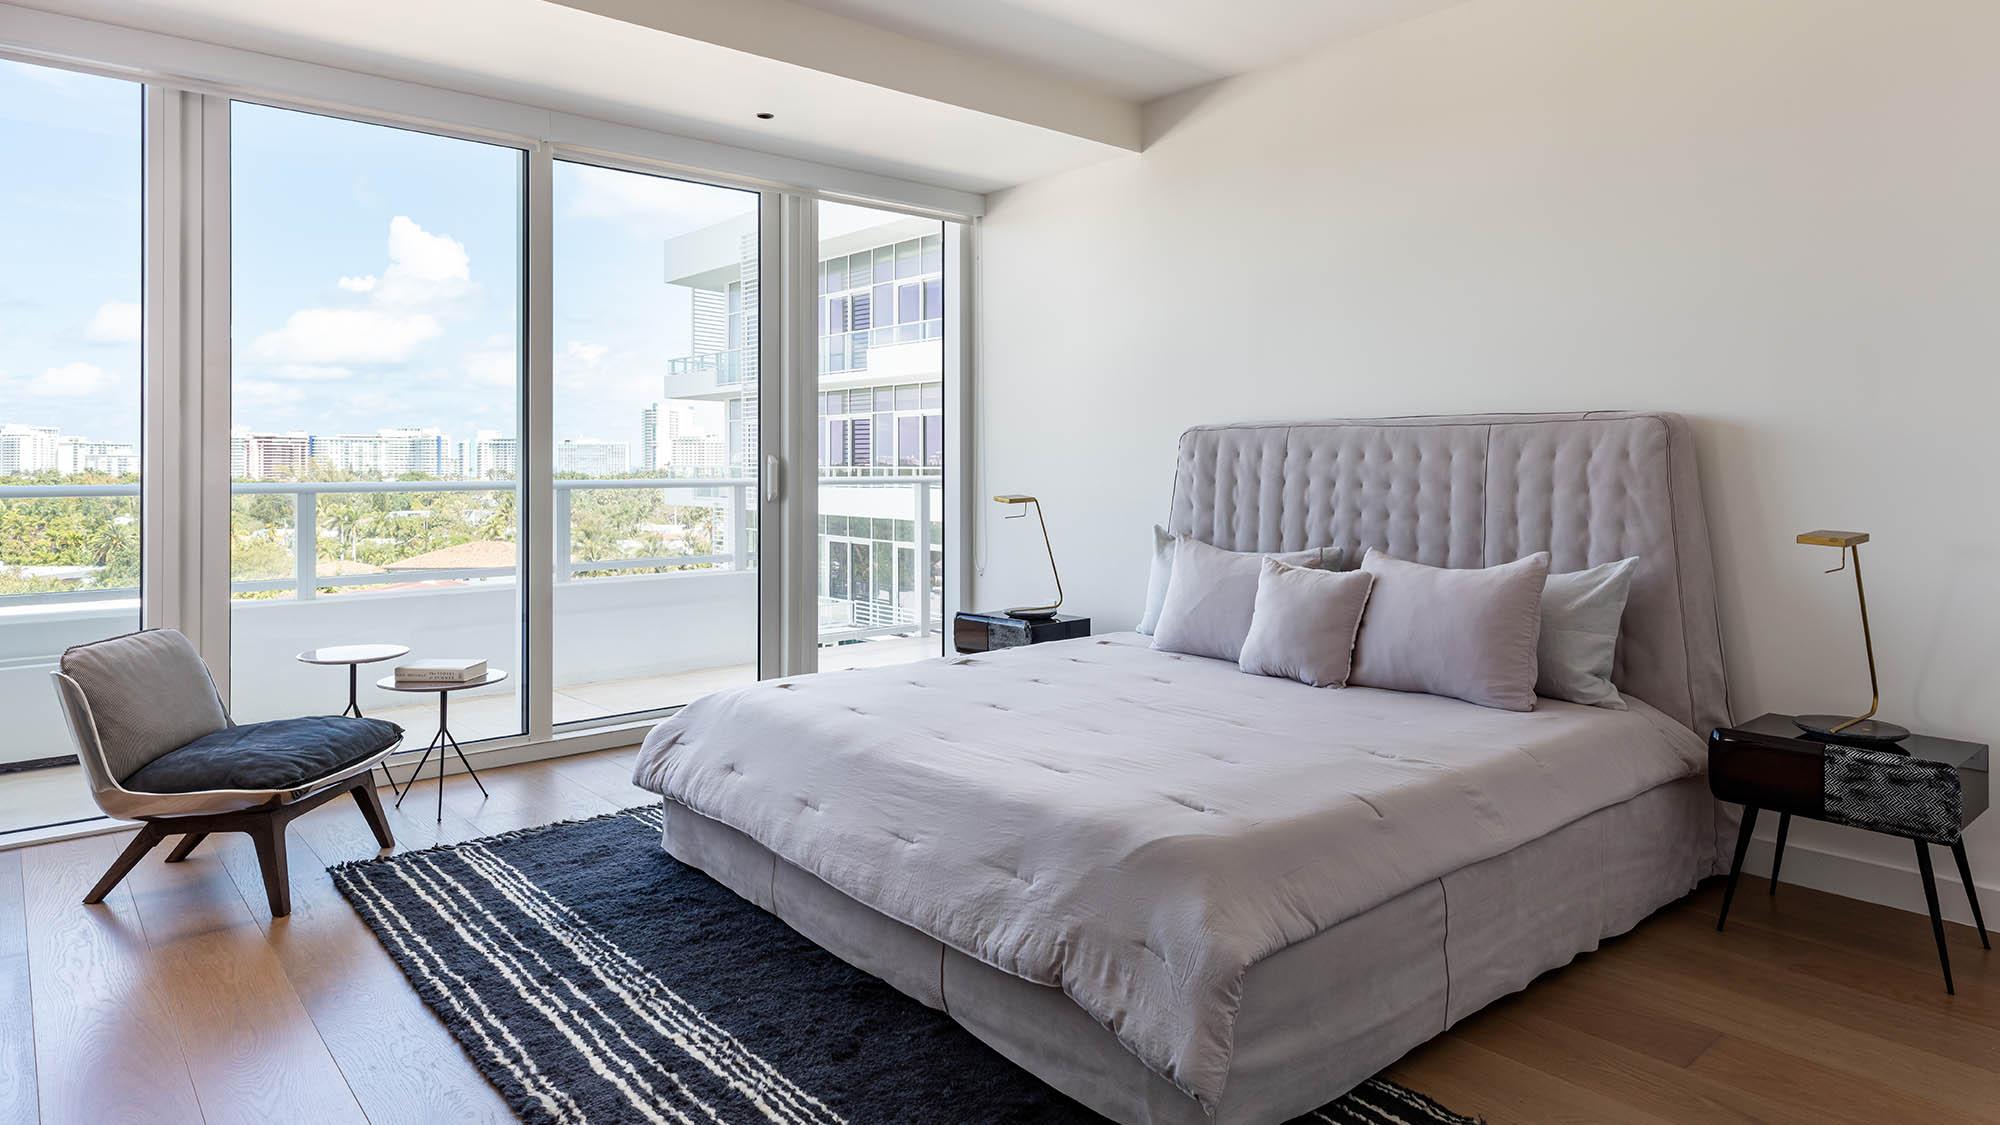 Master Bedroom at the Miami luxury condos of The Ritz-Carlton Residences, Miami Beach